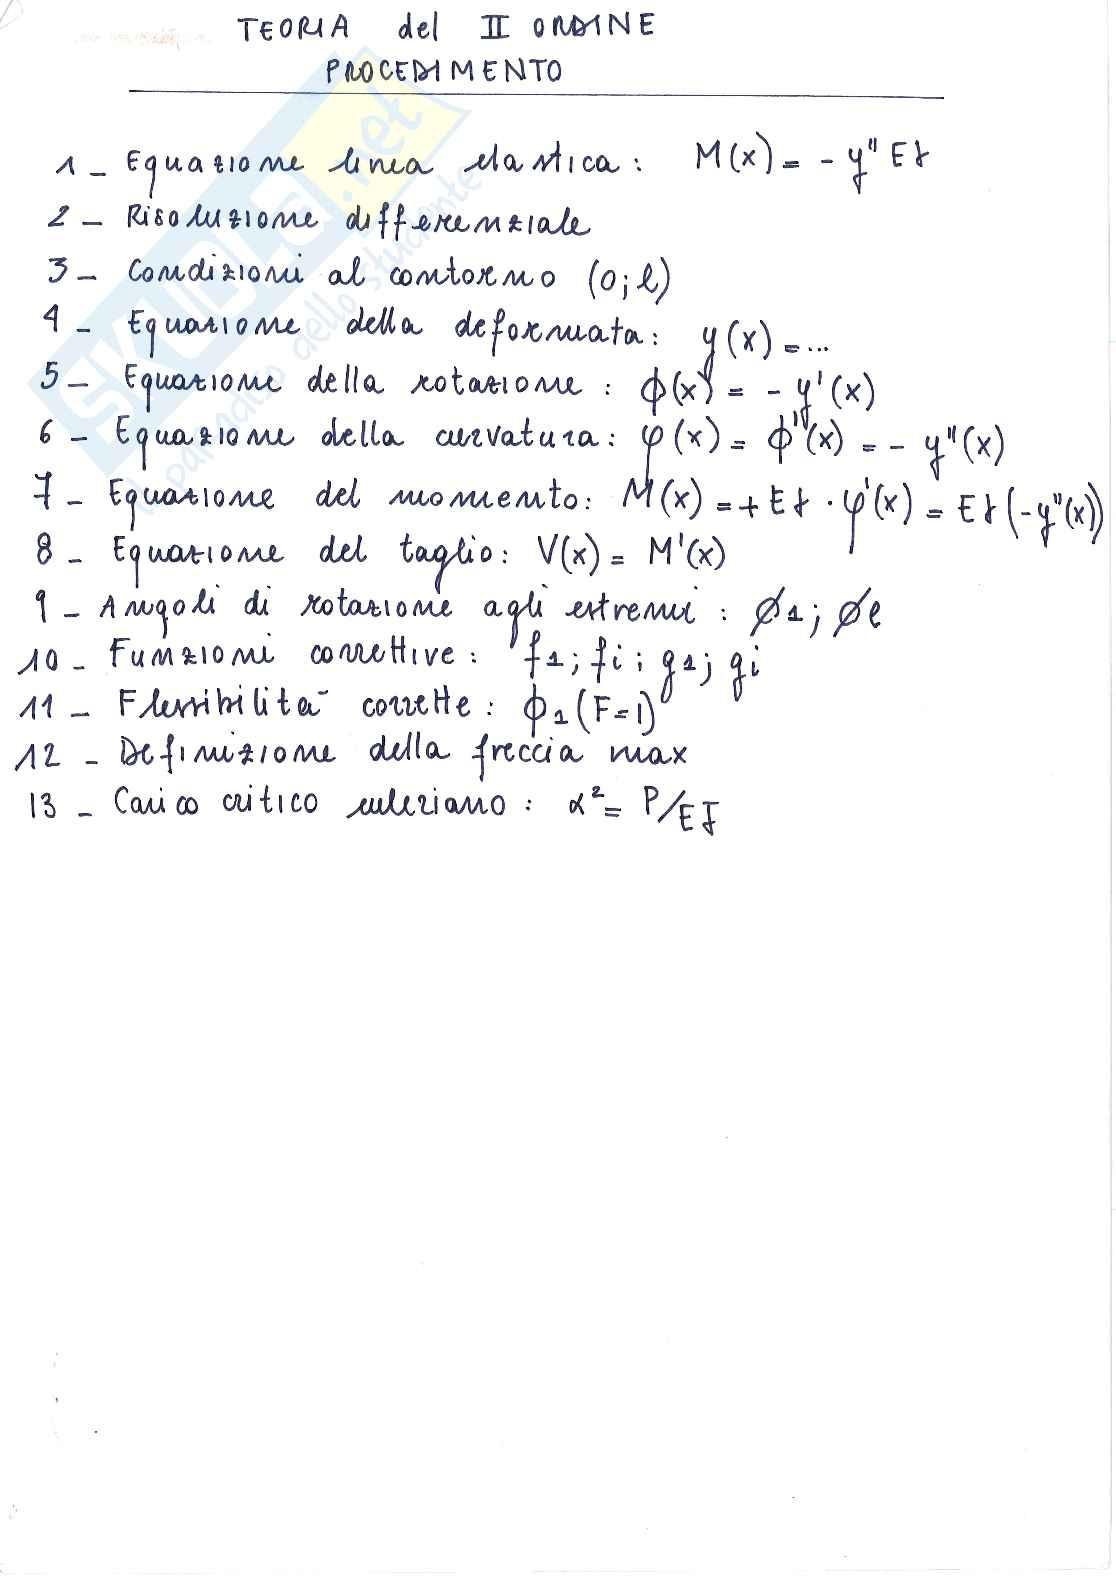 Appunti tecnica delle costruzioni 2 - Teoria del 2° ordine Pag. 1